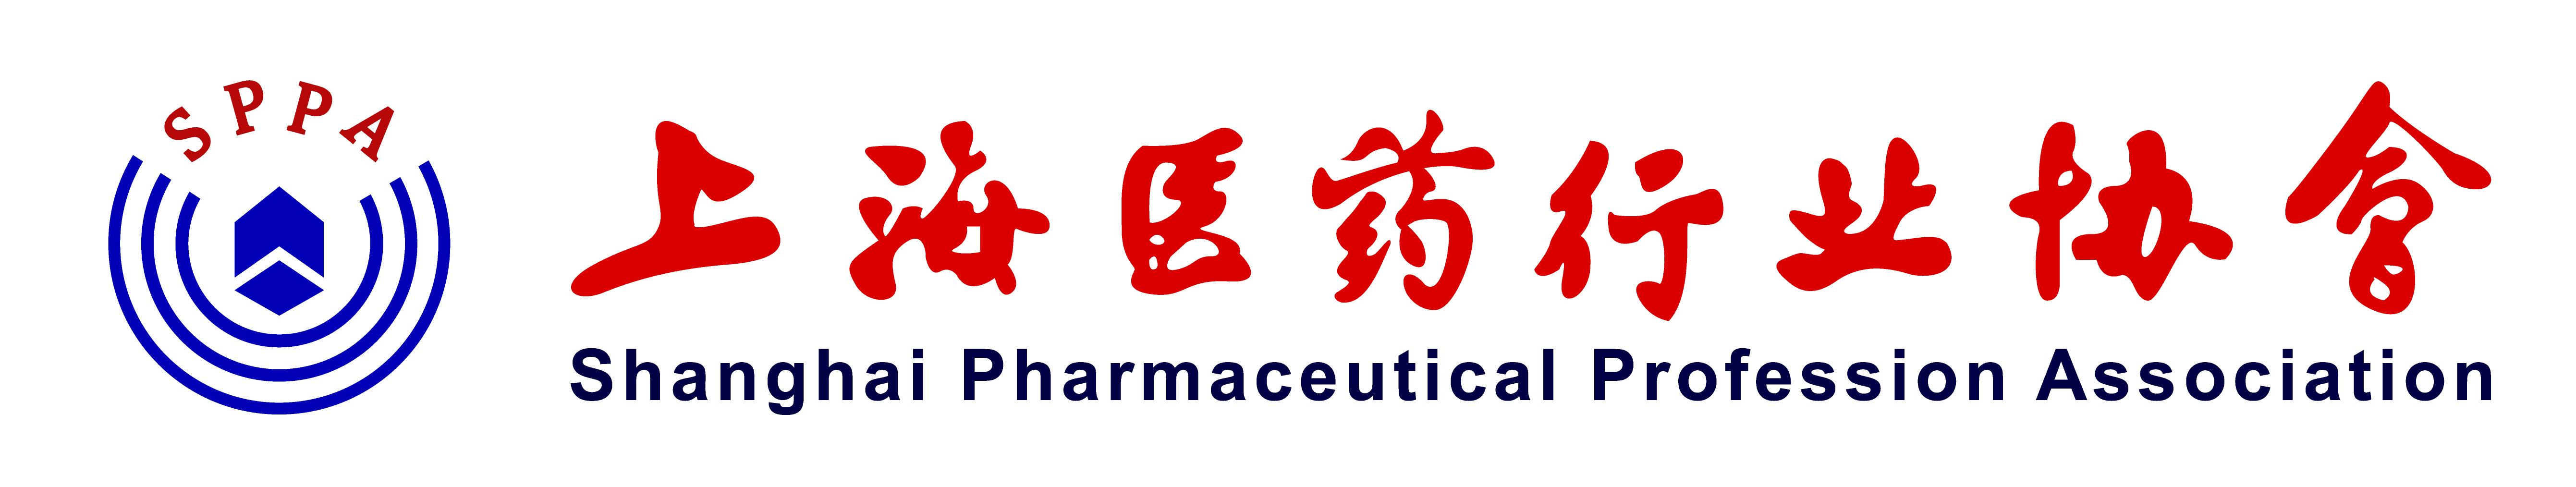 上海医药行业协会